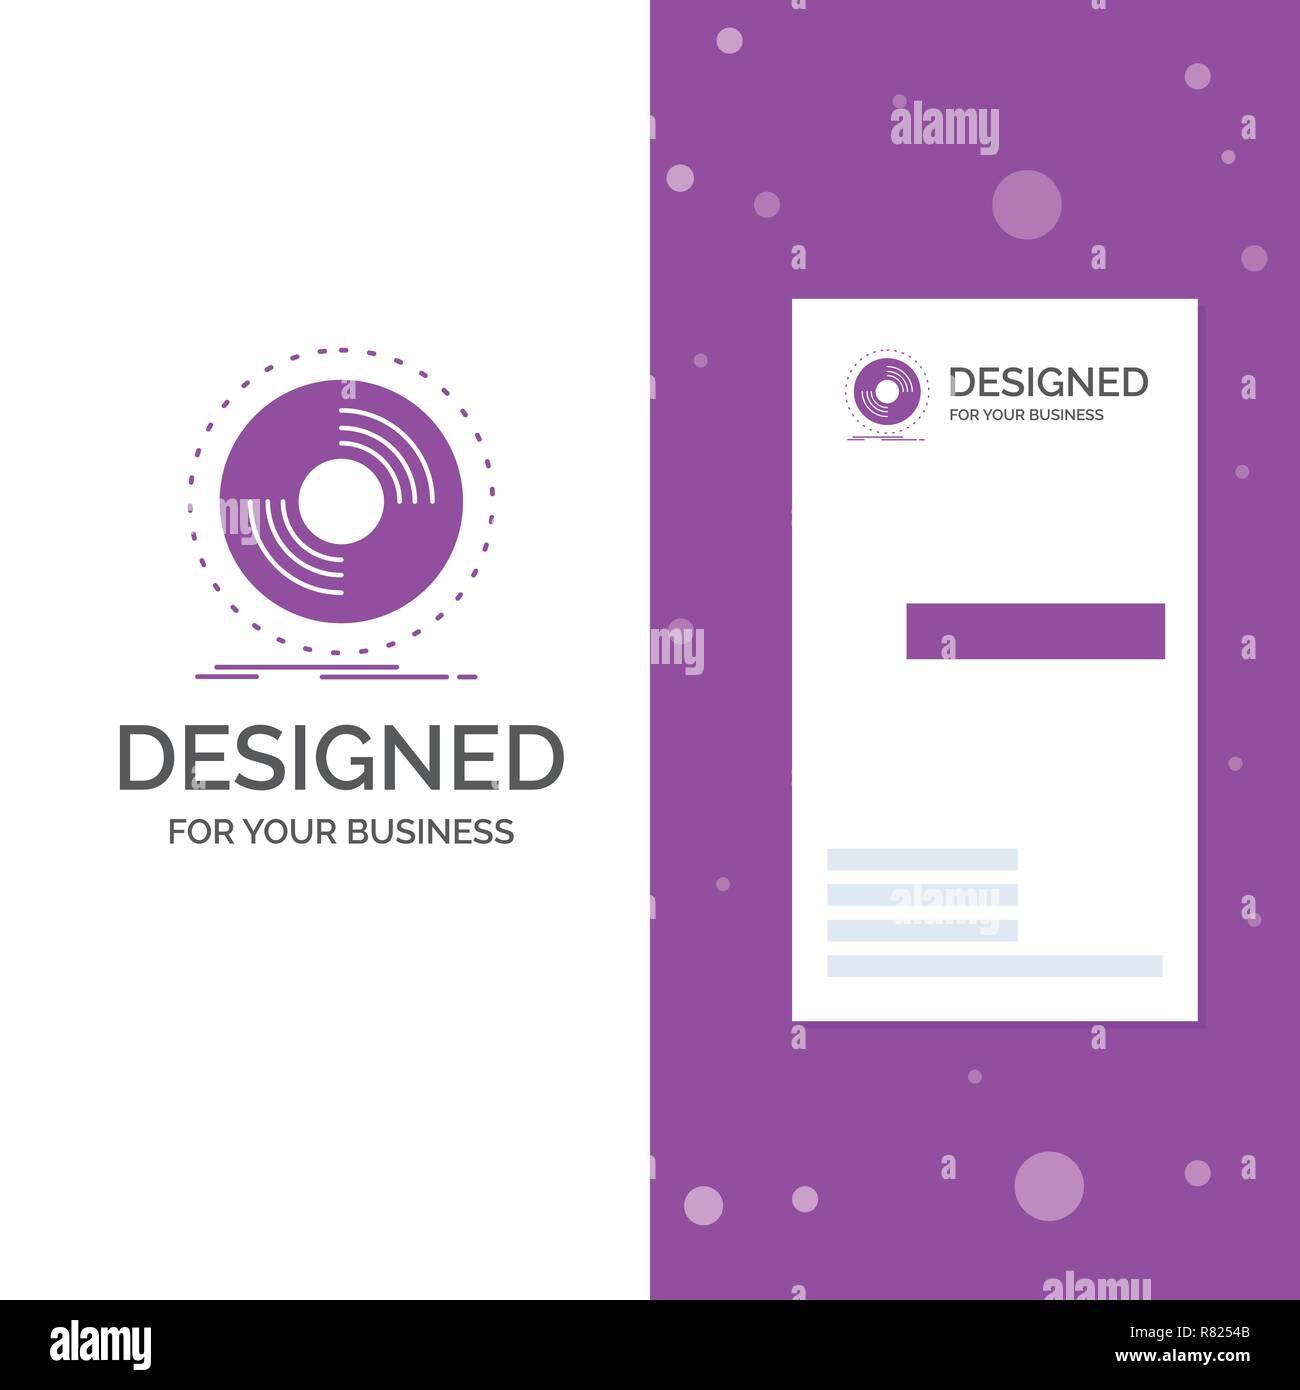 Logo Dentreprise Dj Disque De Phonographe Notice Vinyle Lentreprise Violet Verticale Modele Carte Visite Arriere Plan Creatif Vector